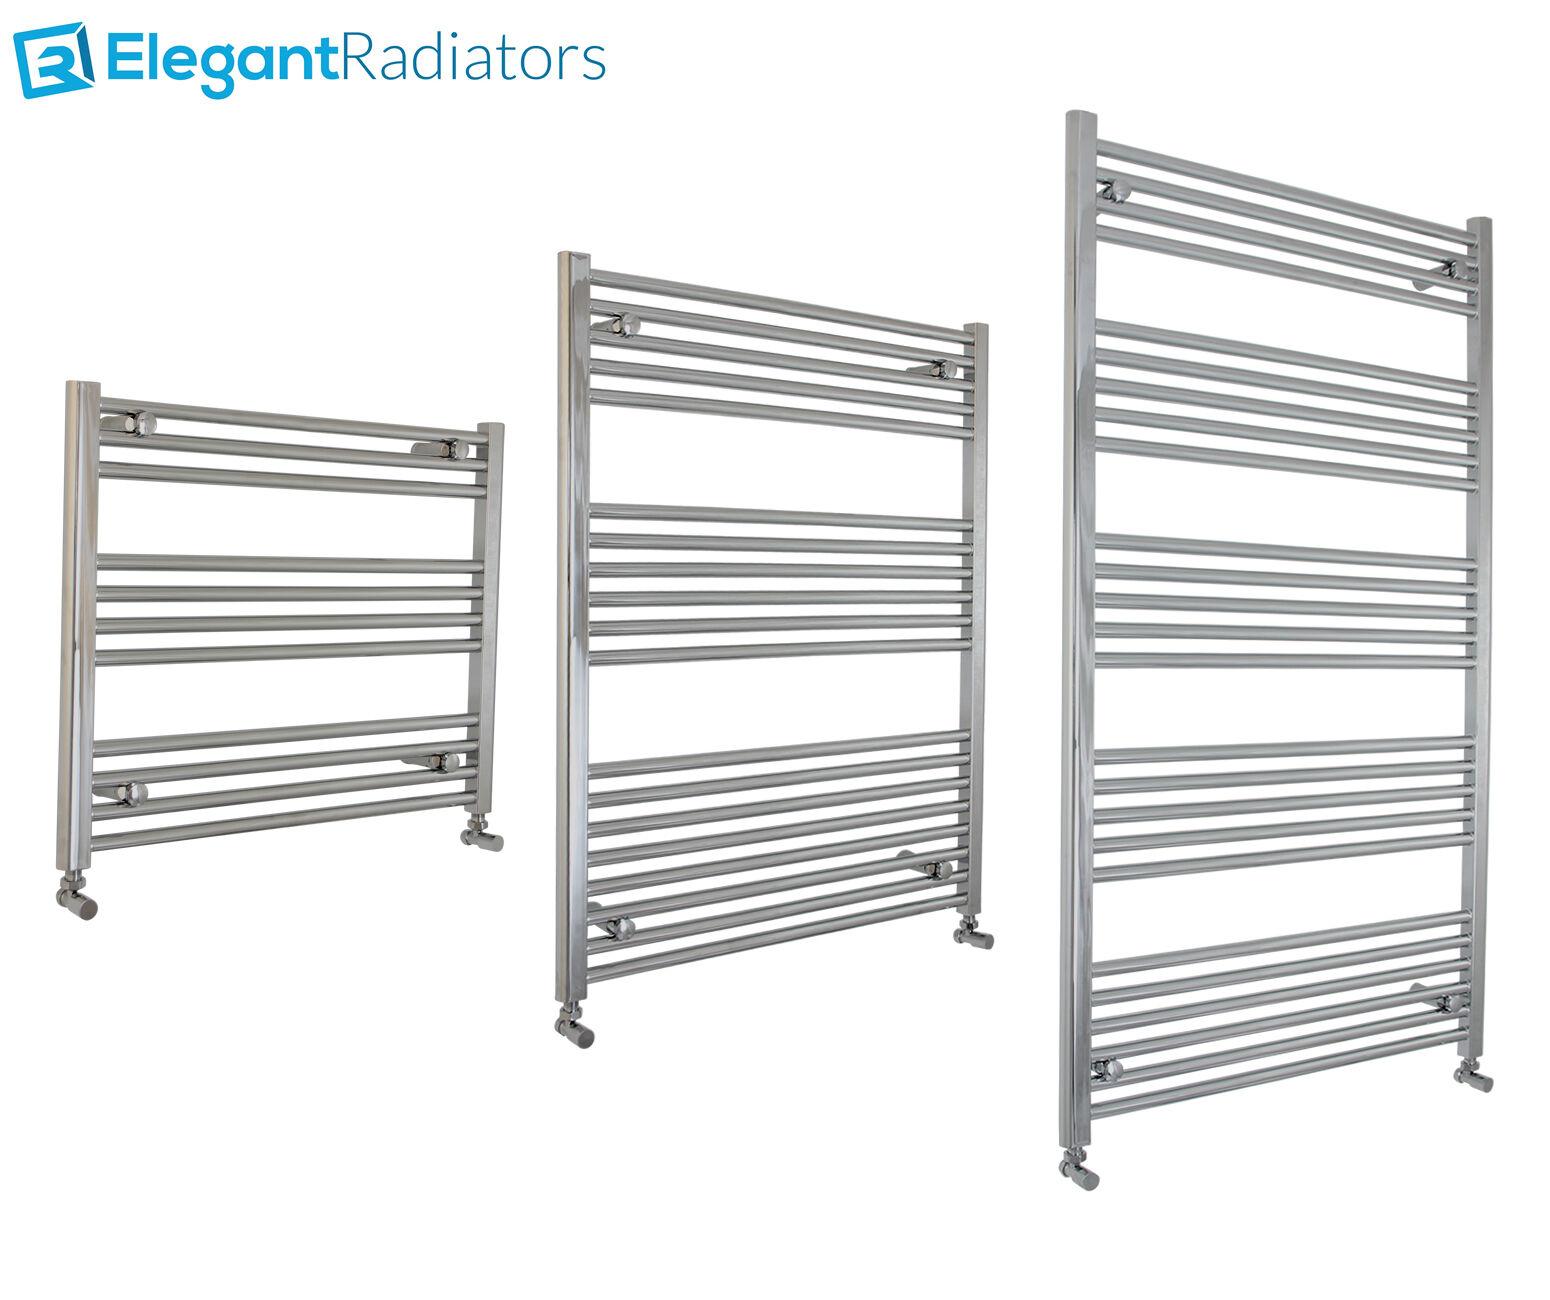 1000 mm de large échelle chrome porte-serviettes chauffant radiateur salle de bain design droite